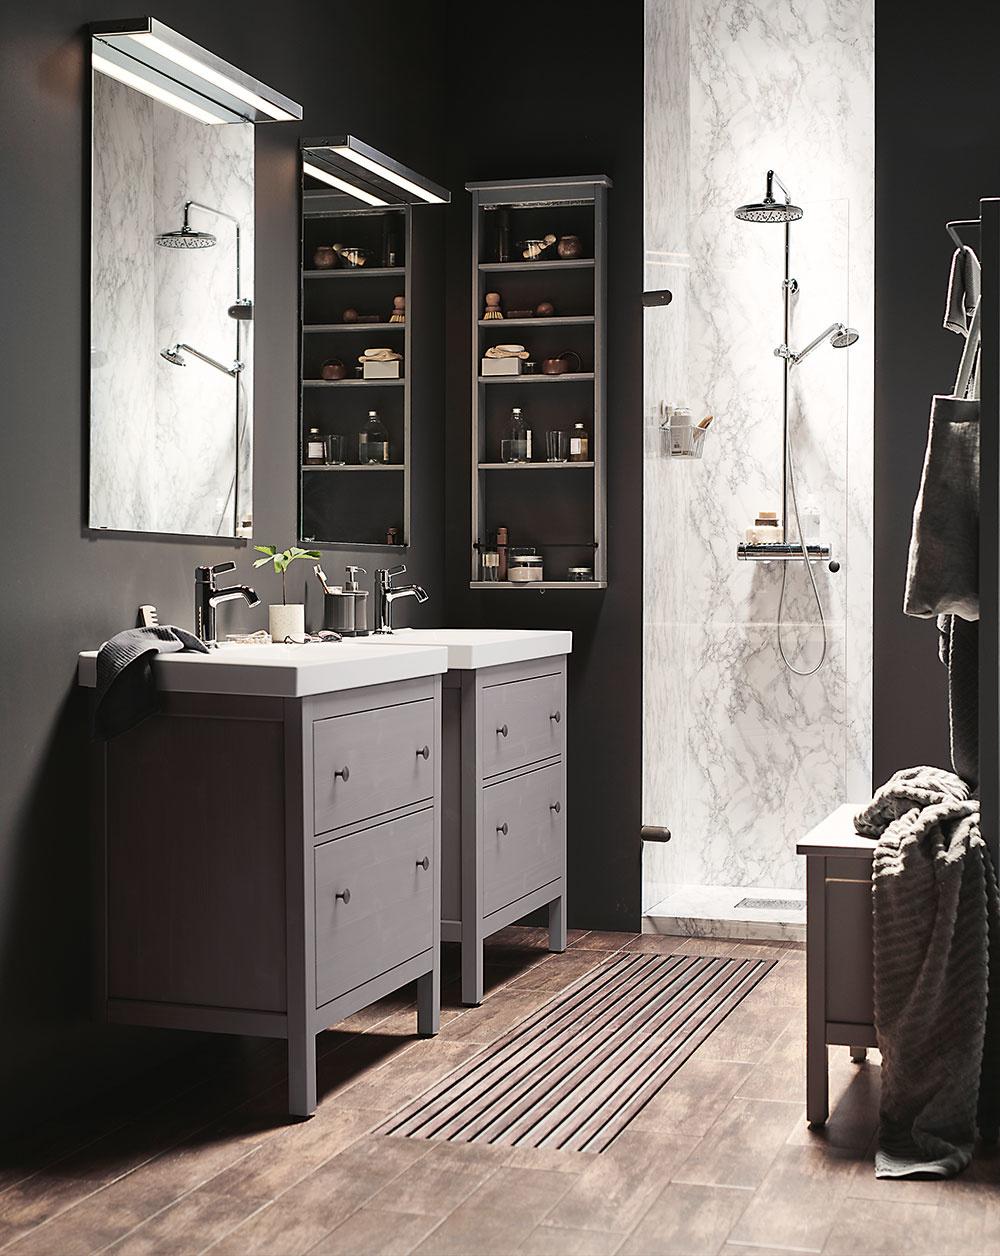 """Áno, možno je to také prvoplánové, ale väčšina mužov uprednostňuje vo svojej kúpeľni chladnejšie atmavšie farby, veľkoformátové obklady kombinované sdrevom adobré osvetlenie, aby sa im pri holení """"nešmykla"""" ruka. Nuž ajednoznačne vedie sprchovací kút pred vaňou. Muži sú praktickí asvoju očistu chcú mať raz-dva za sebou."""